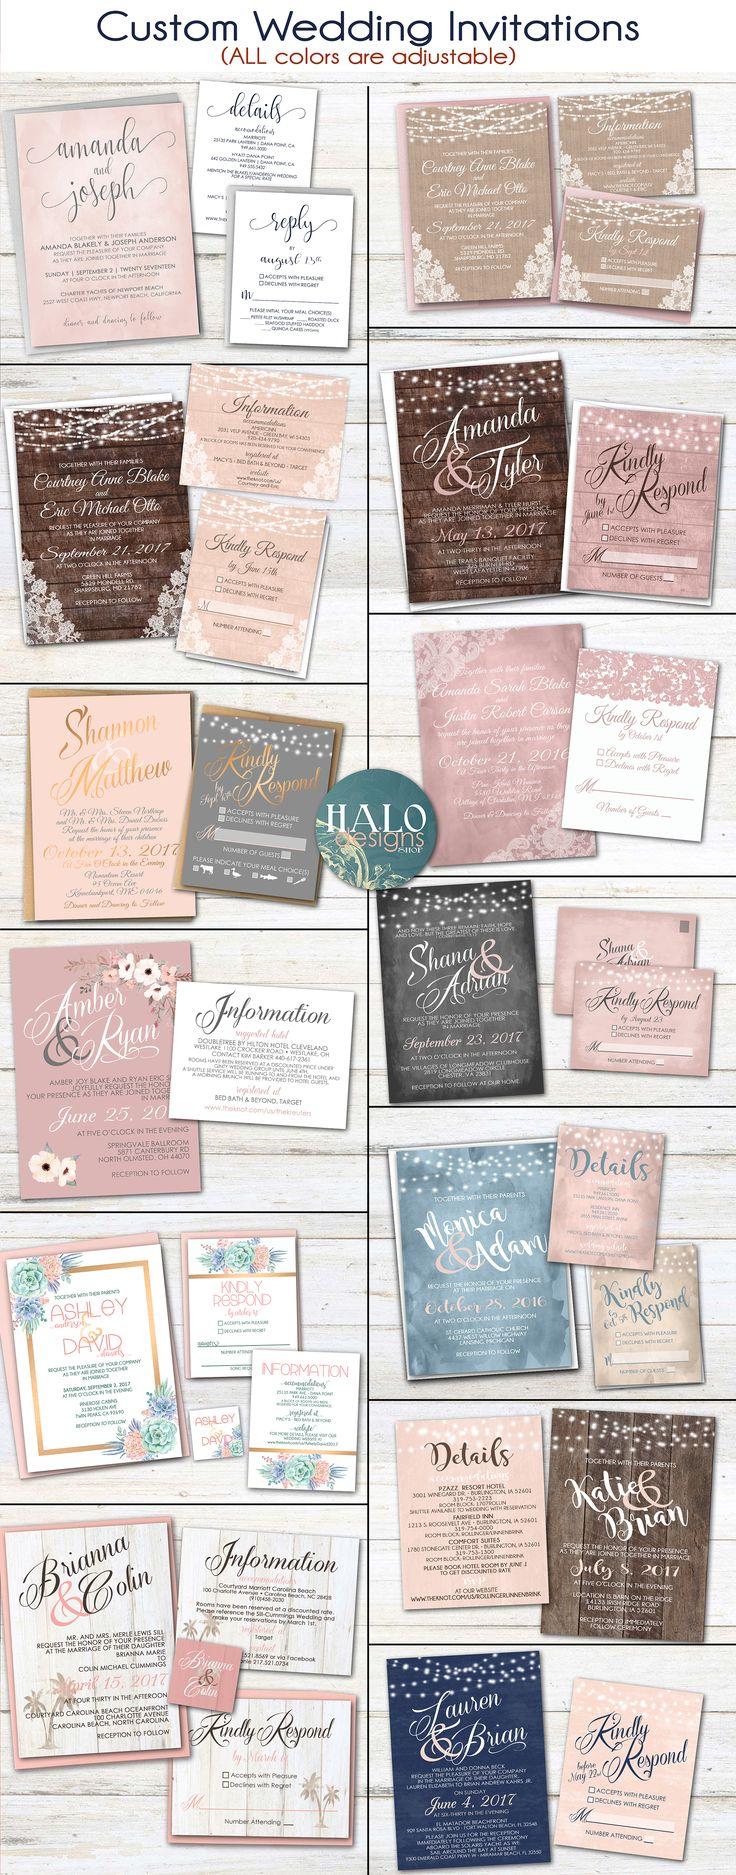 Cancun Wedding Invitation Design Dusty Rose Wedding